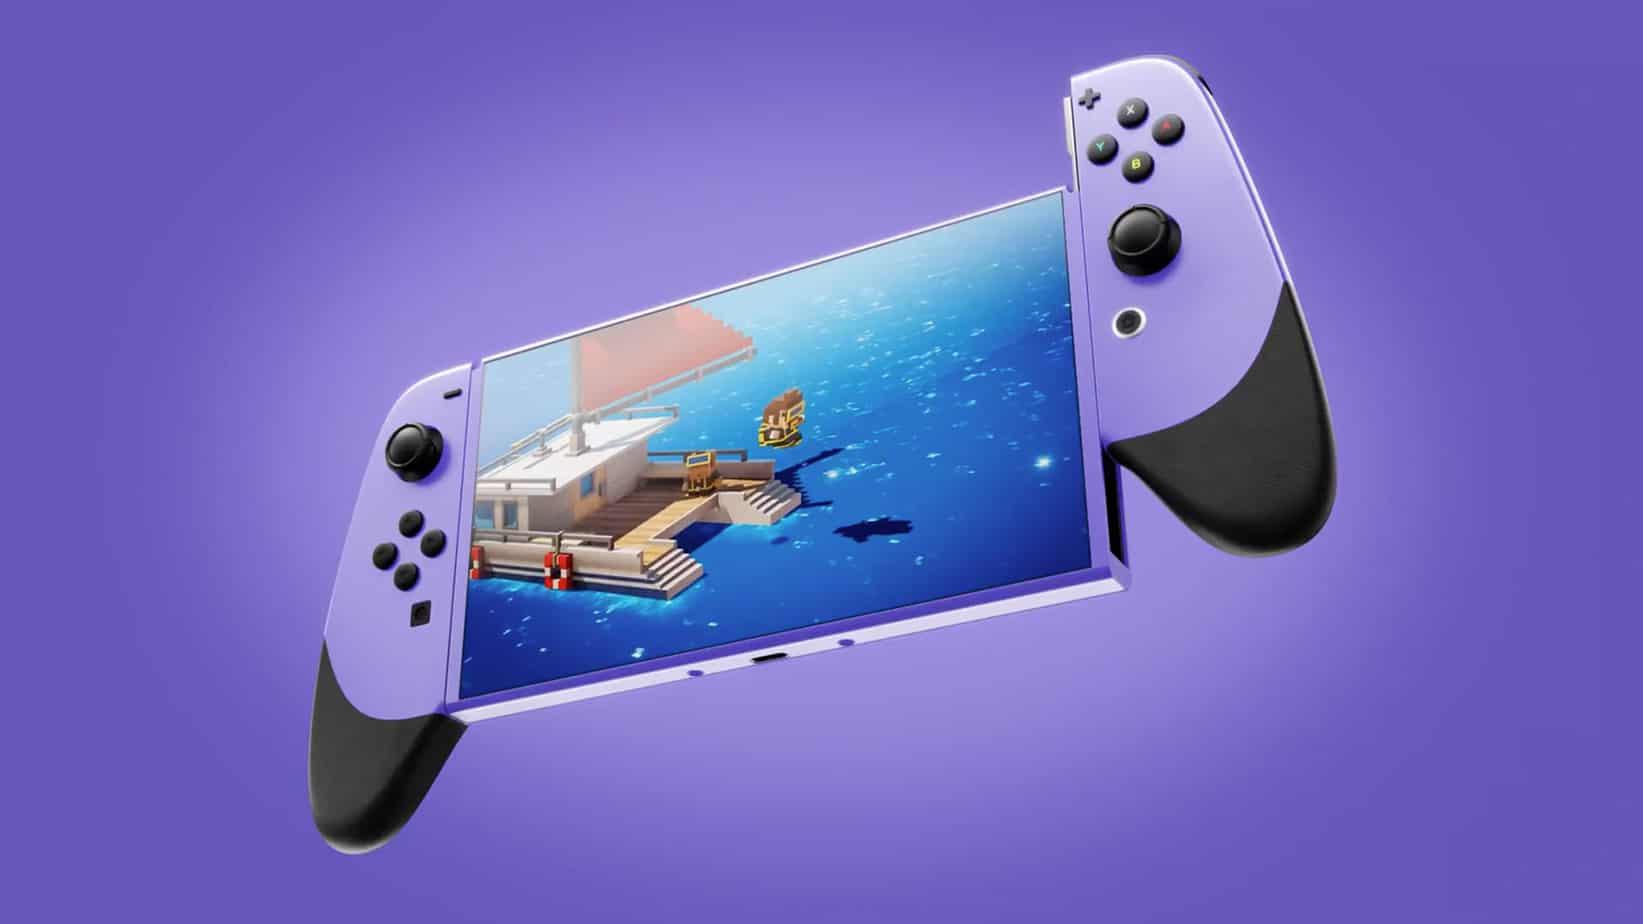 Nintendo Switch Pro : elle serait compatible DLSS, mais qu'est-ce que c'est ?